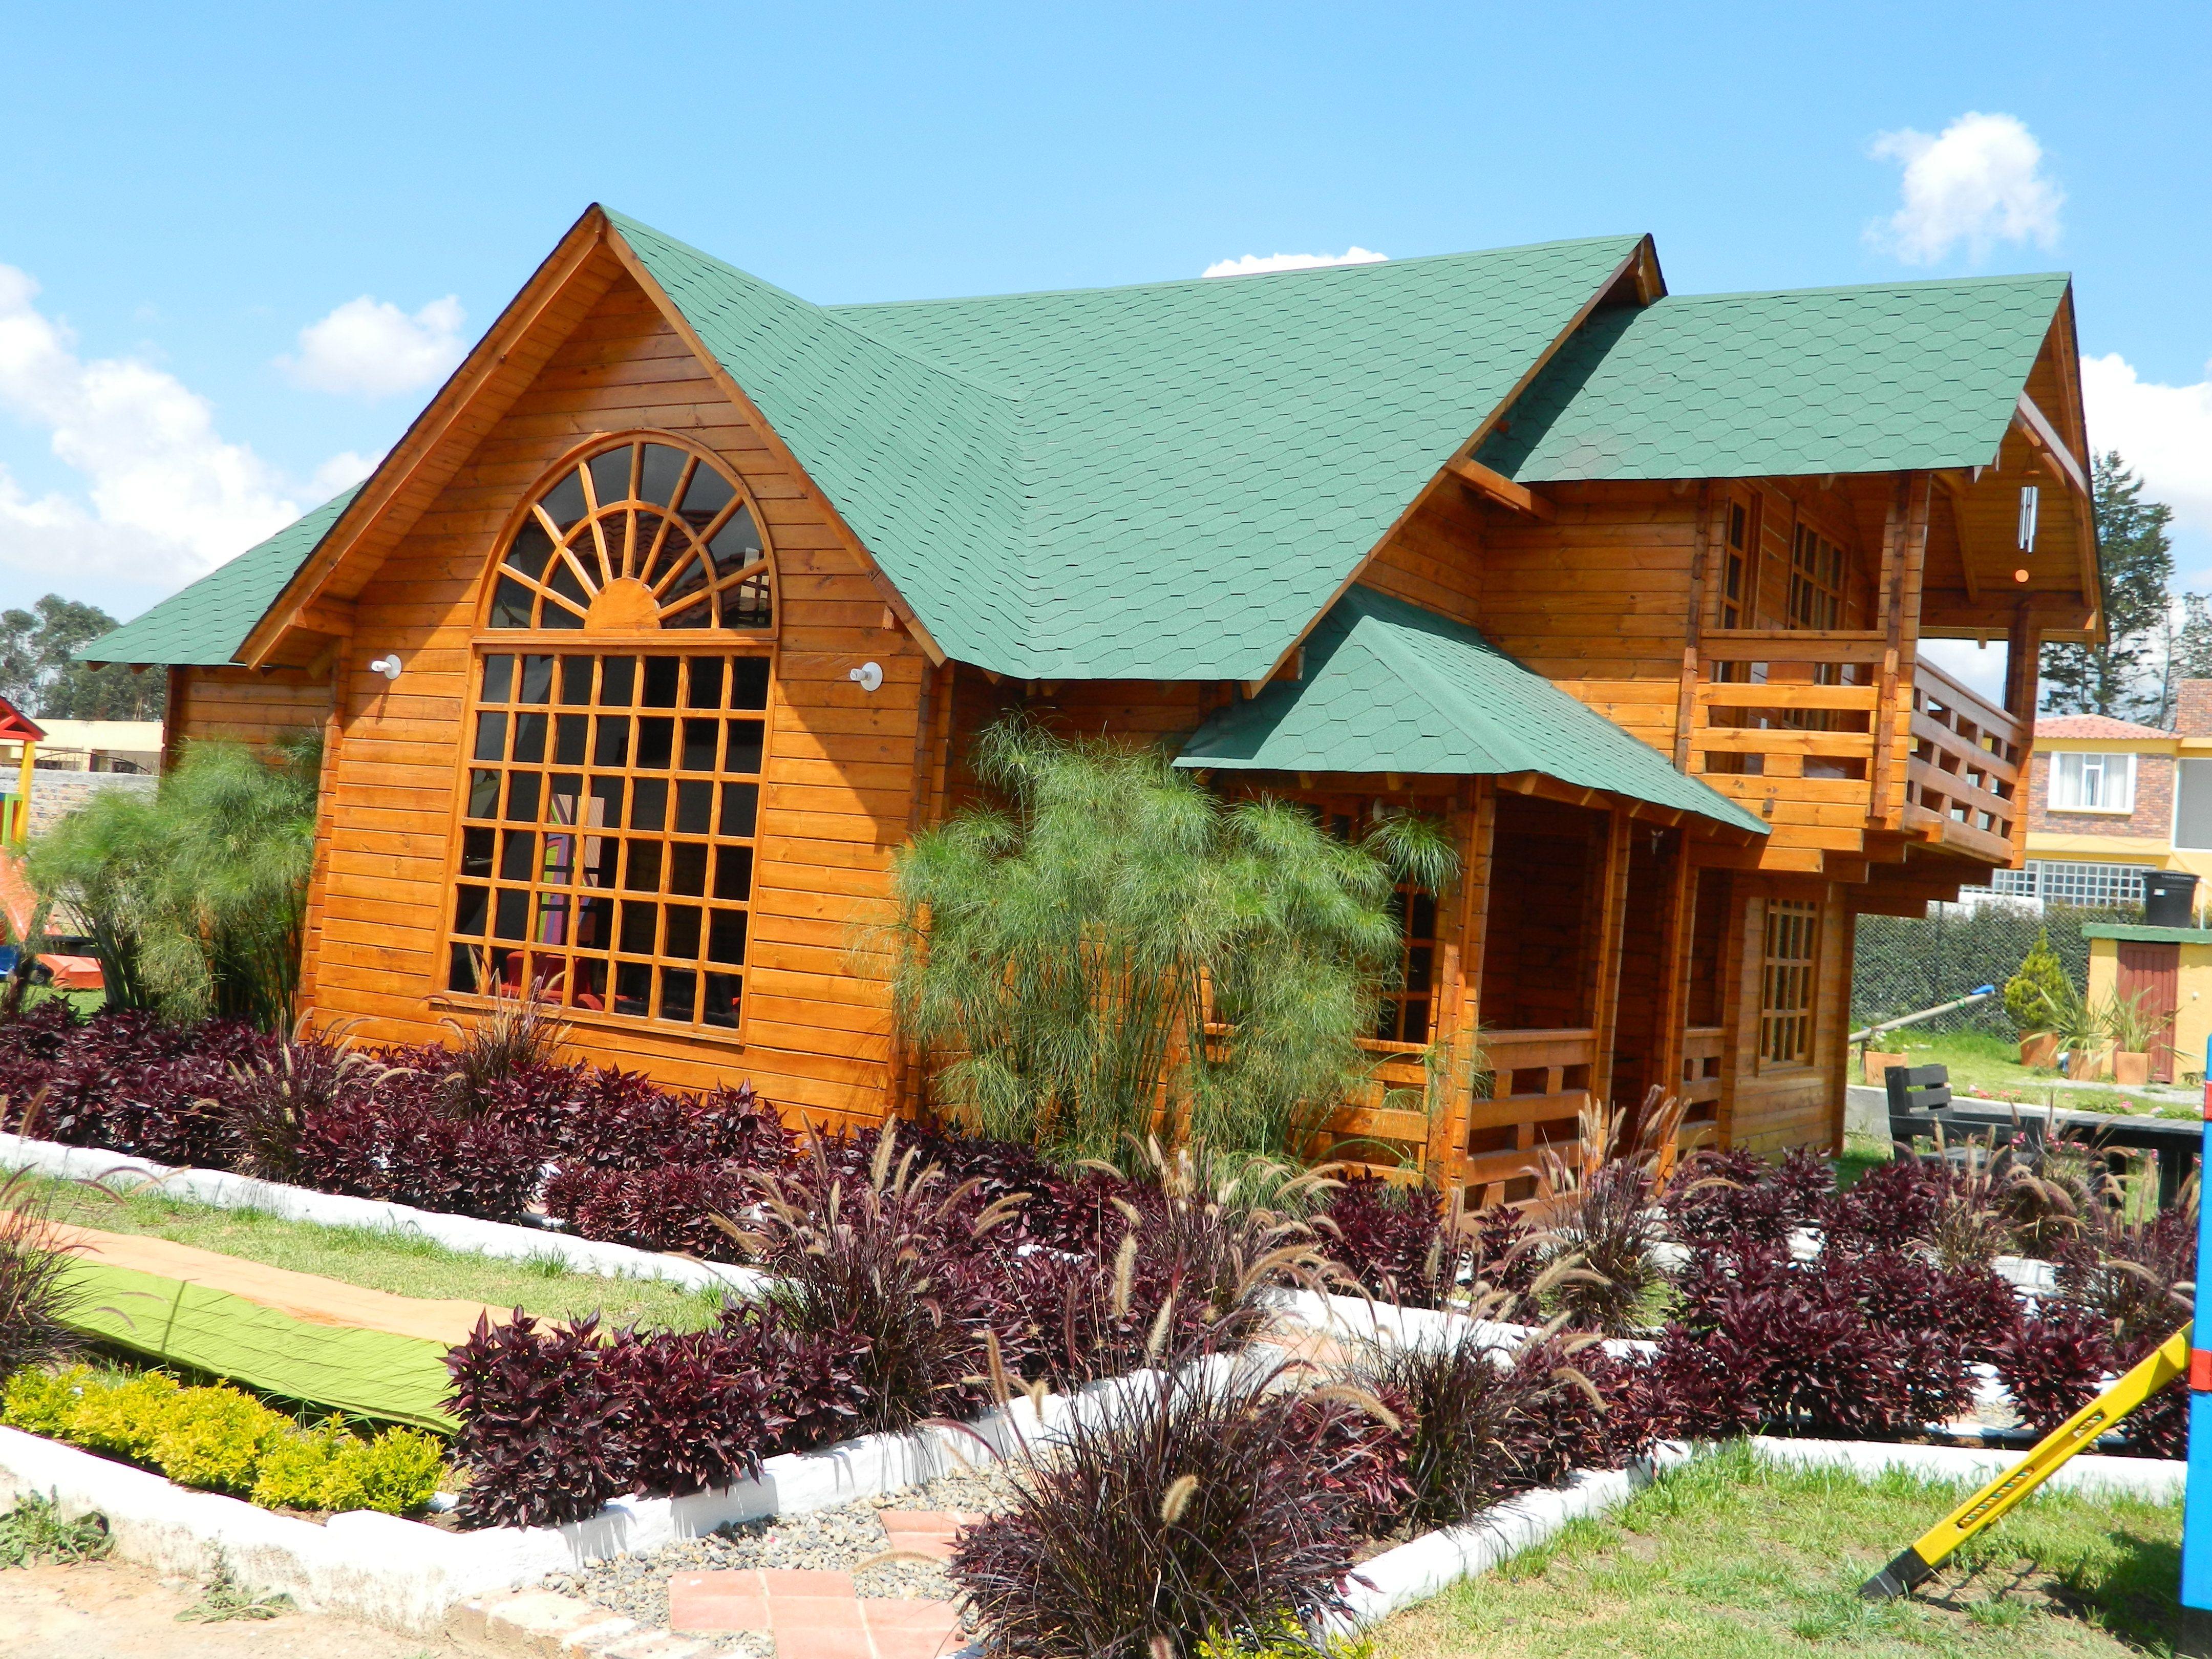 Los Chanos Casas De Madera Nuestra Casa Modelo En Km 6 Via  # Muebles Rusticos Duitama Boyaca